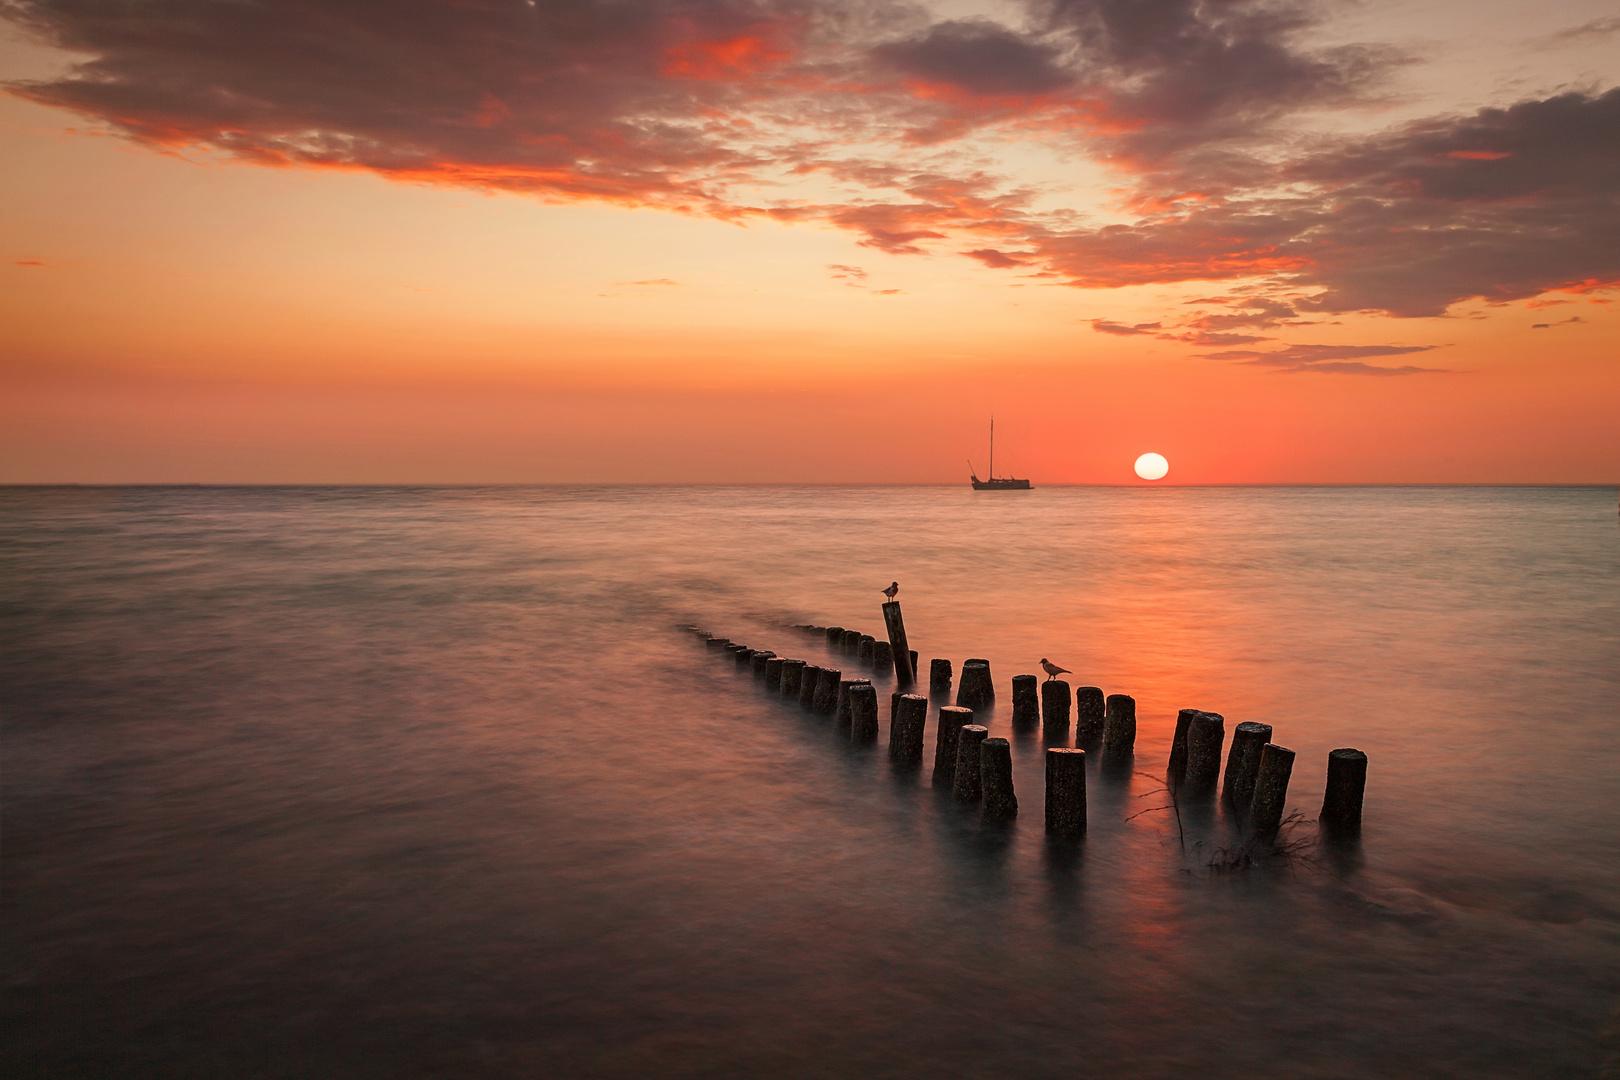 Als die Sonne im Meer versinkt